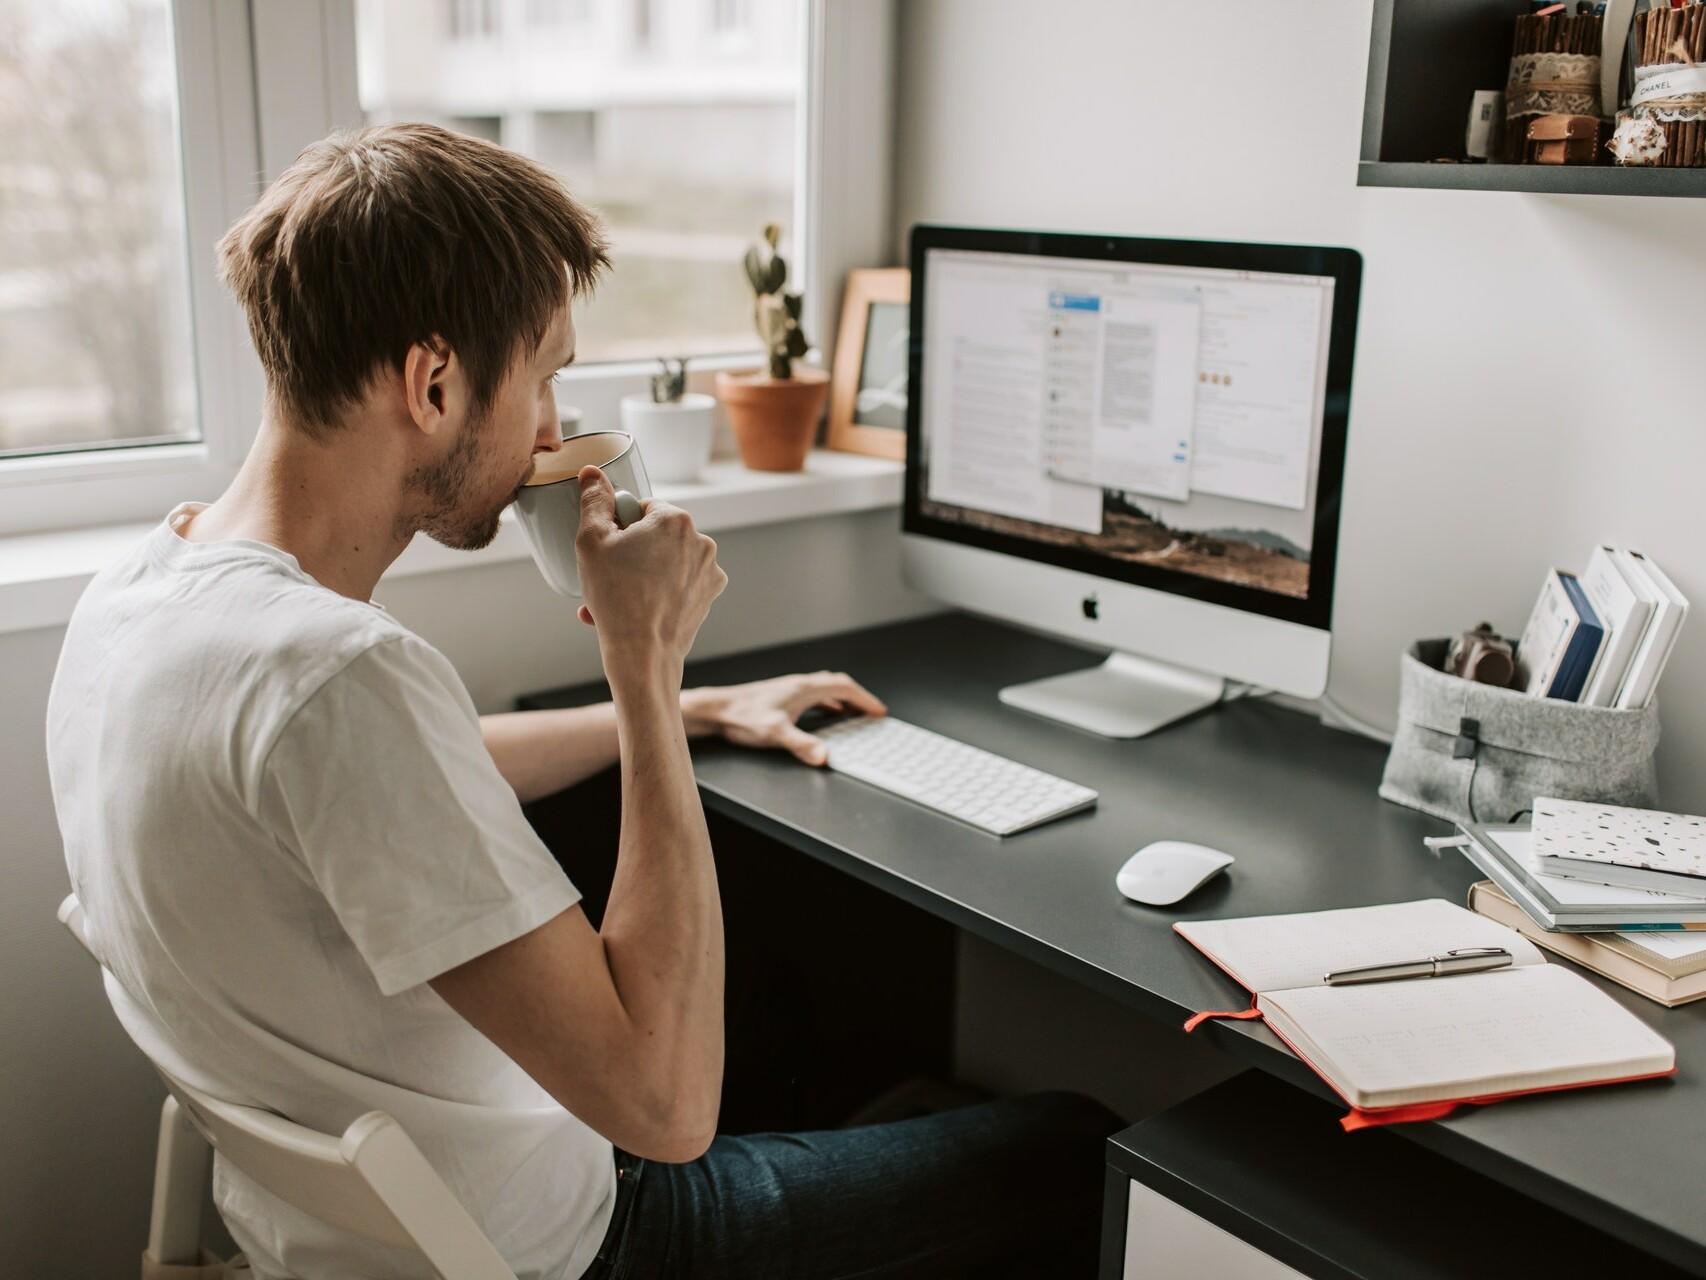 Junger Mann sitzt am Computer und nimmt einen Schluck aus der Kaffeetasse.